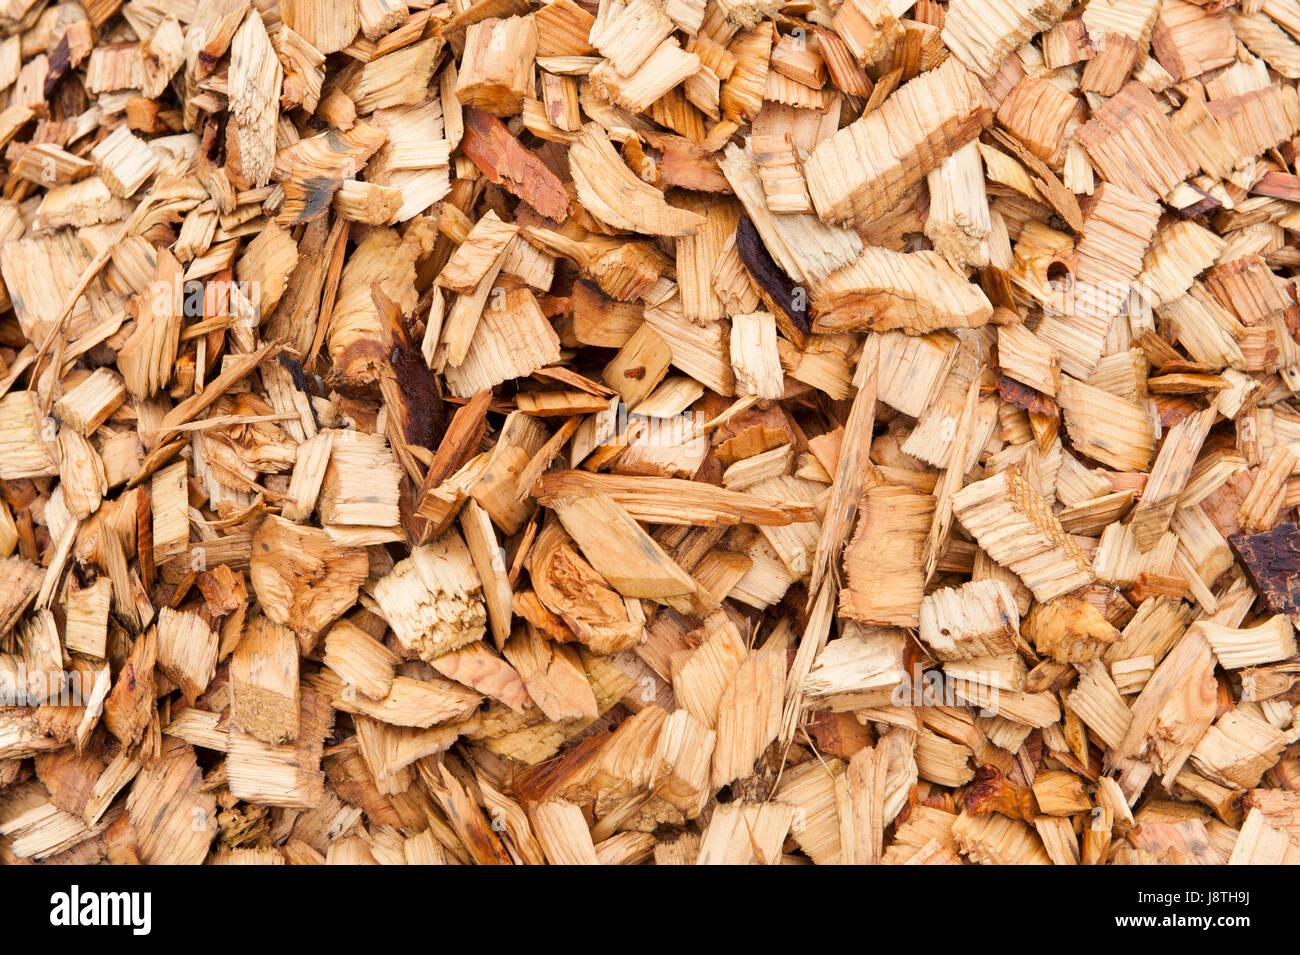 Raw Material Export Stockfotos & Raw Material Export Bilder - Alamy